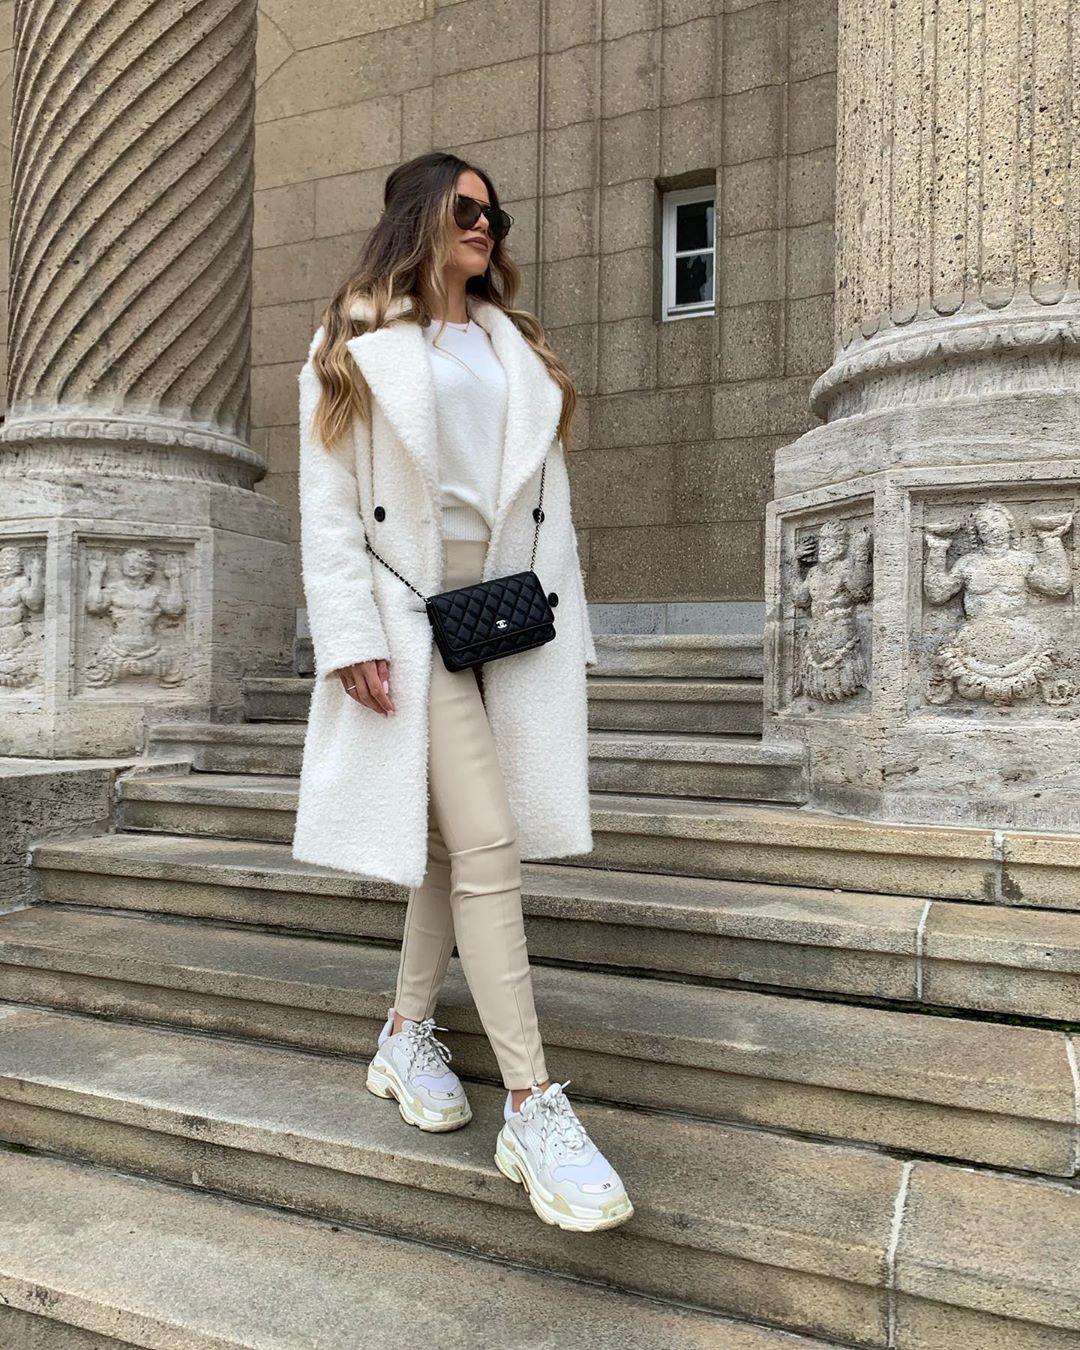 synthetic leather leggings de Zara sur ezgilkyaz